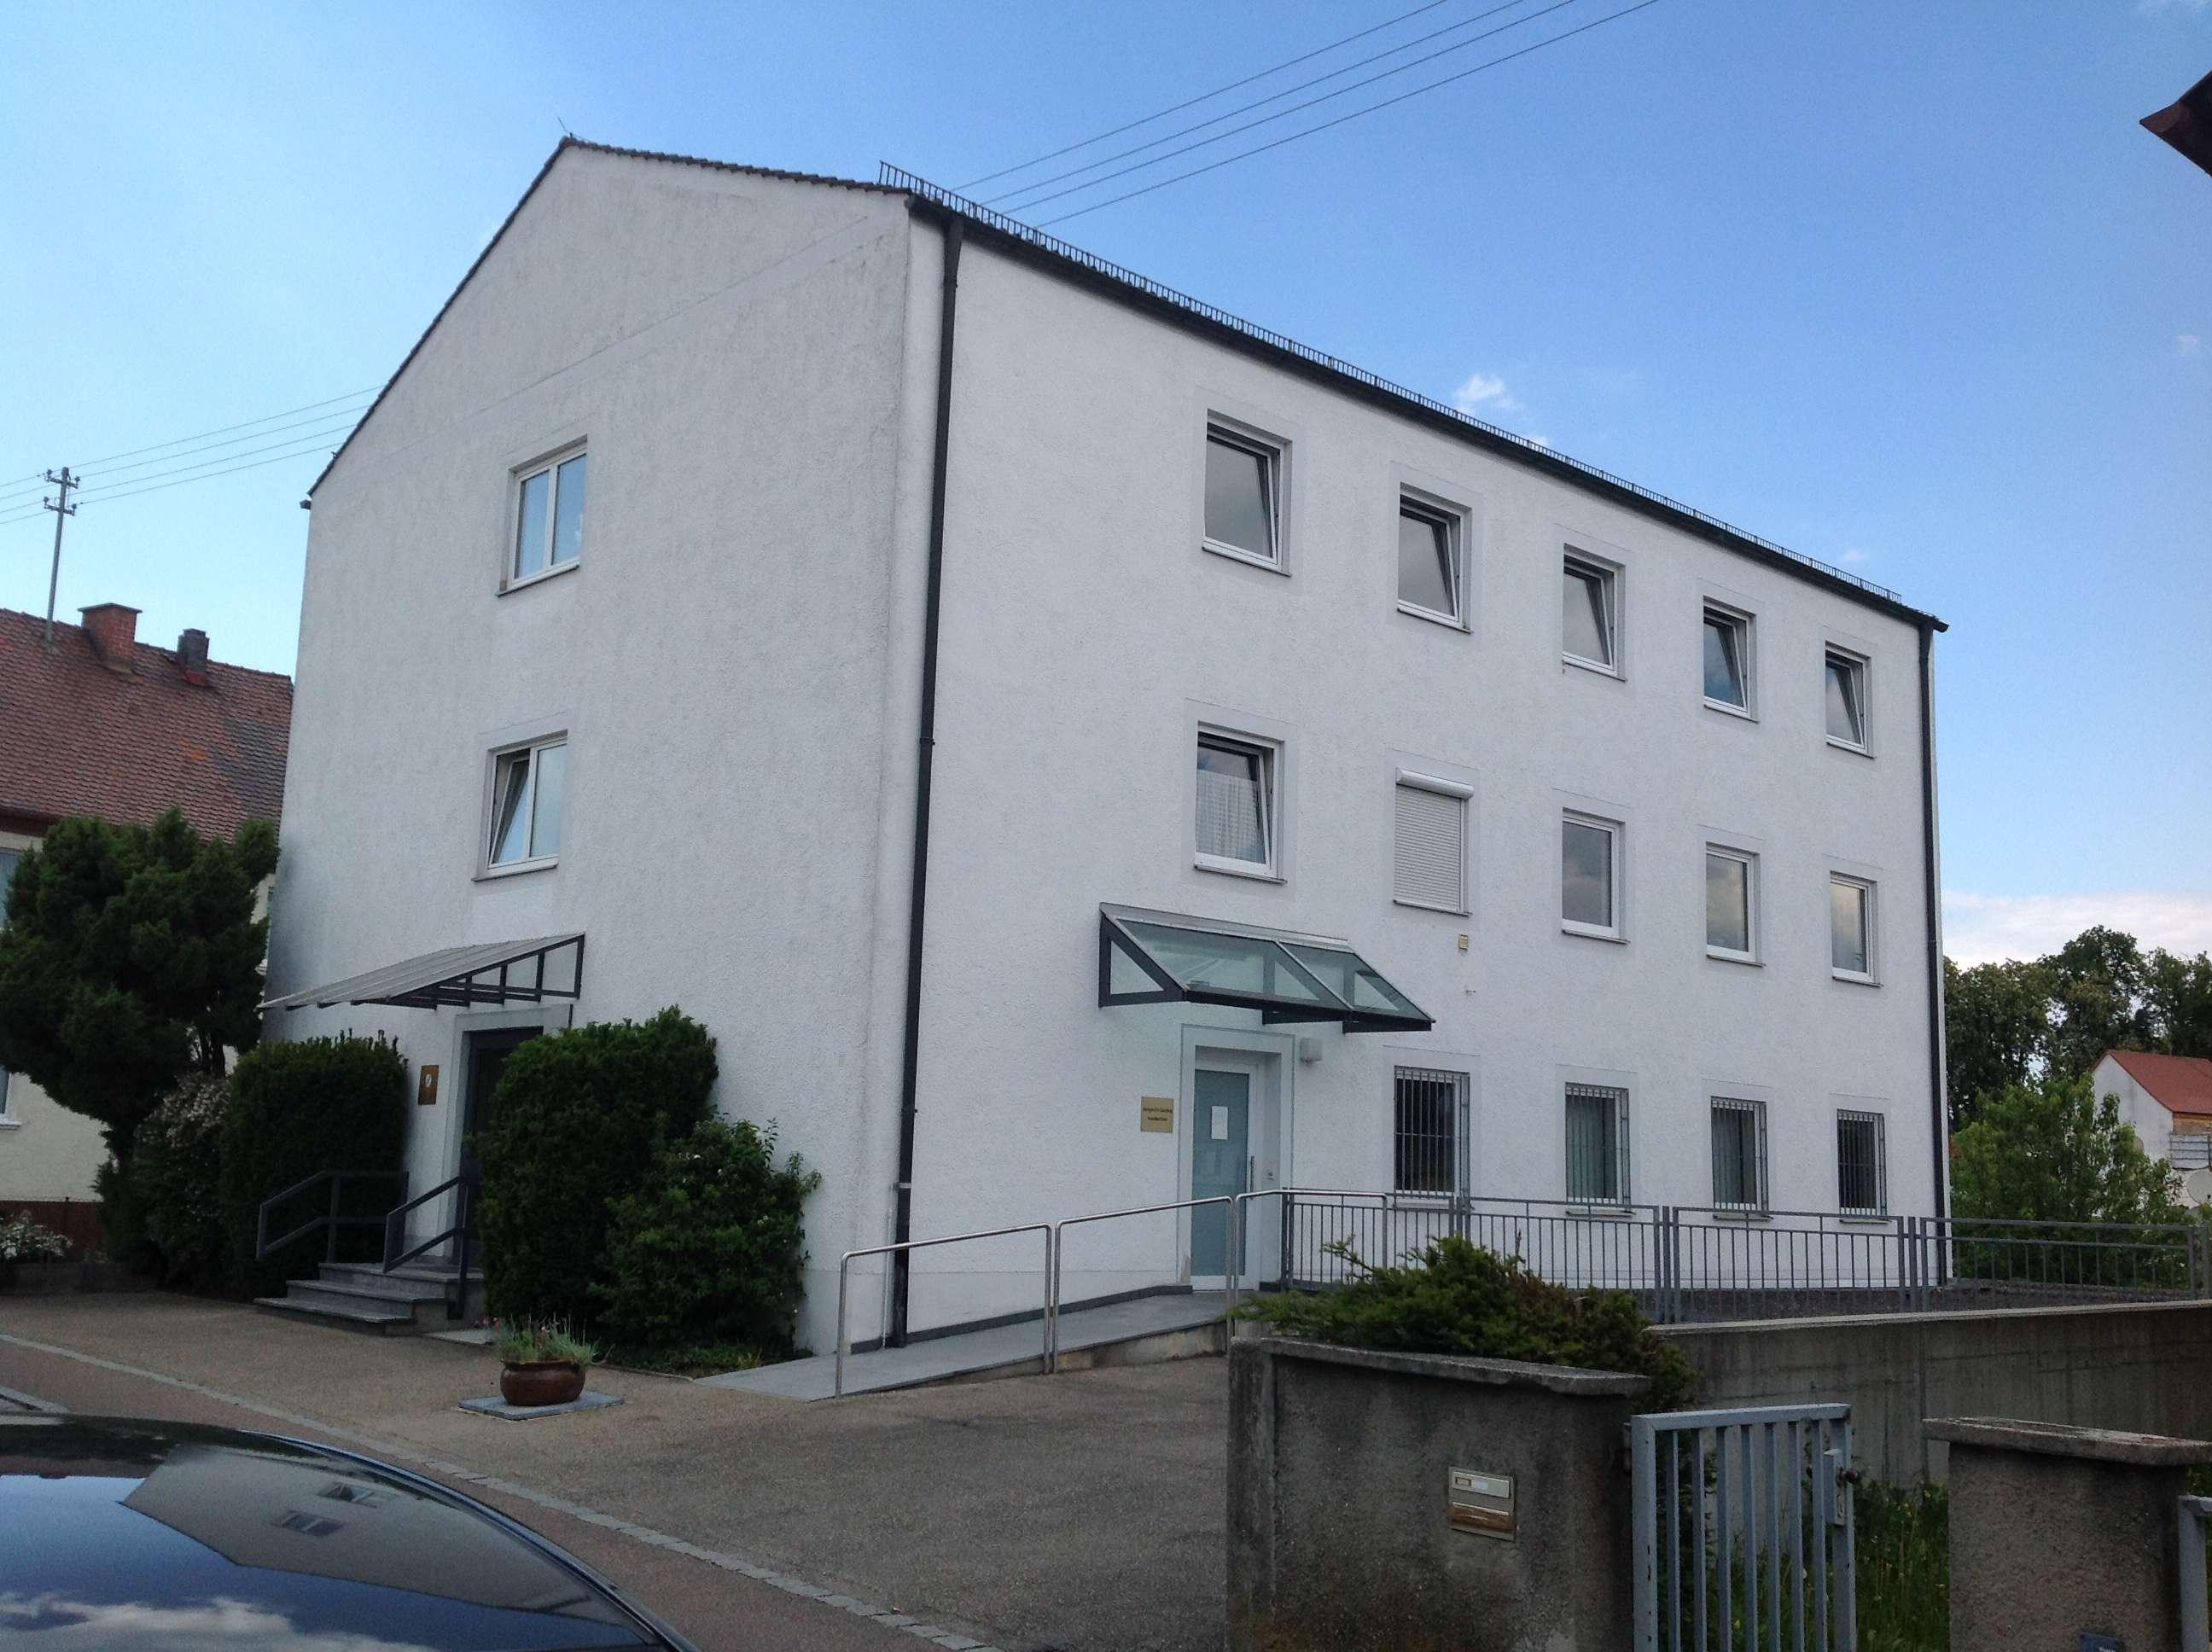 3 Zimmer Wohnung in Günzburg mit Kellerraum, Einzelgarage und Außenstellplatz in Günzburg